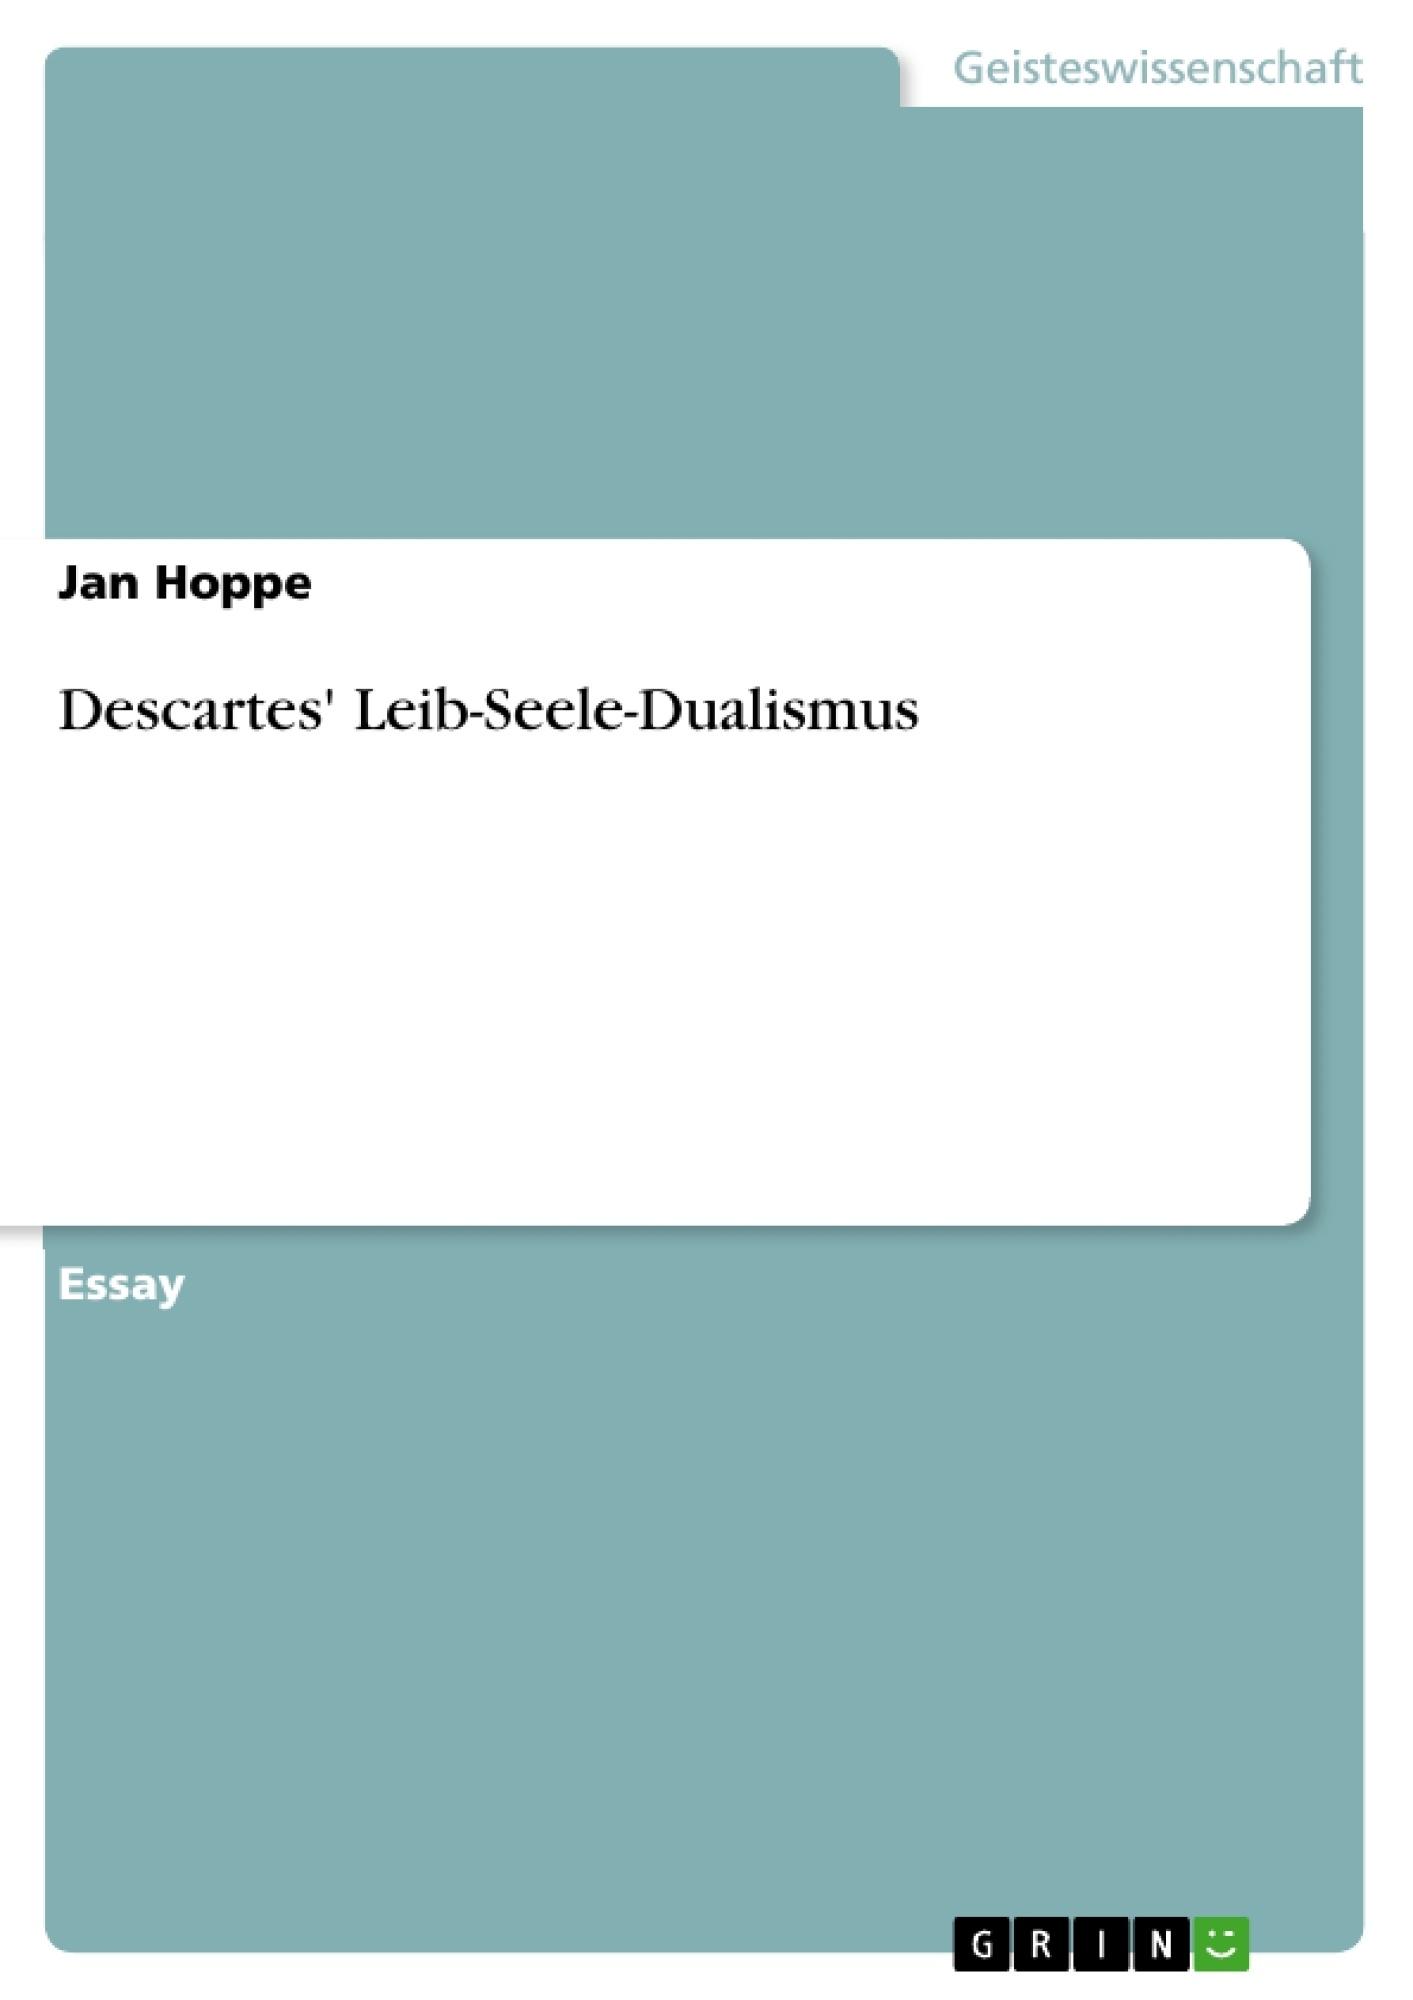 Titel: Descartes' Leib-Seele-Dualismus